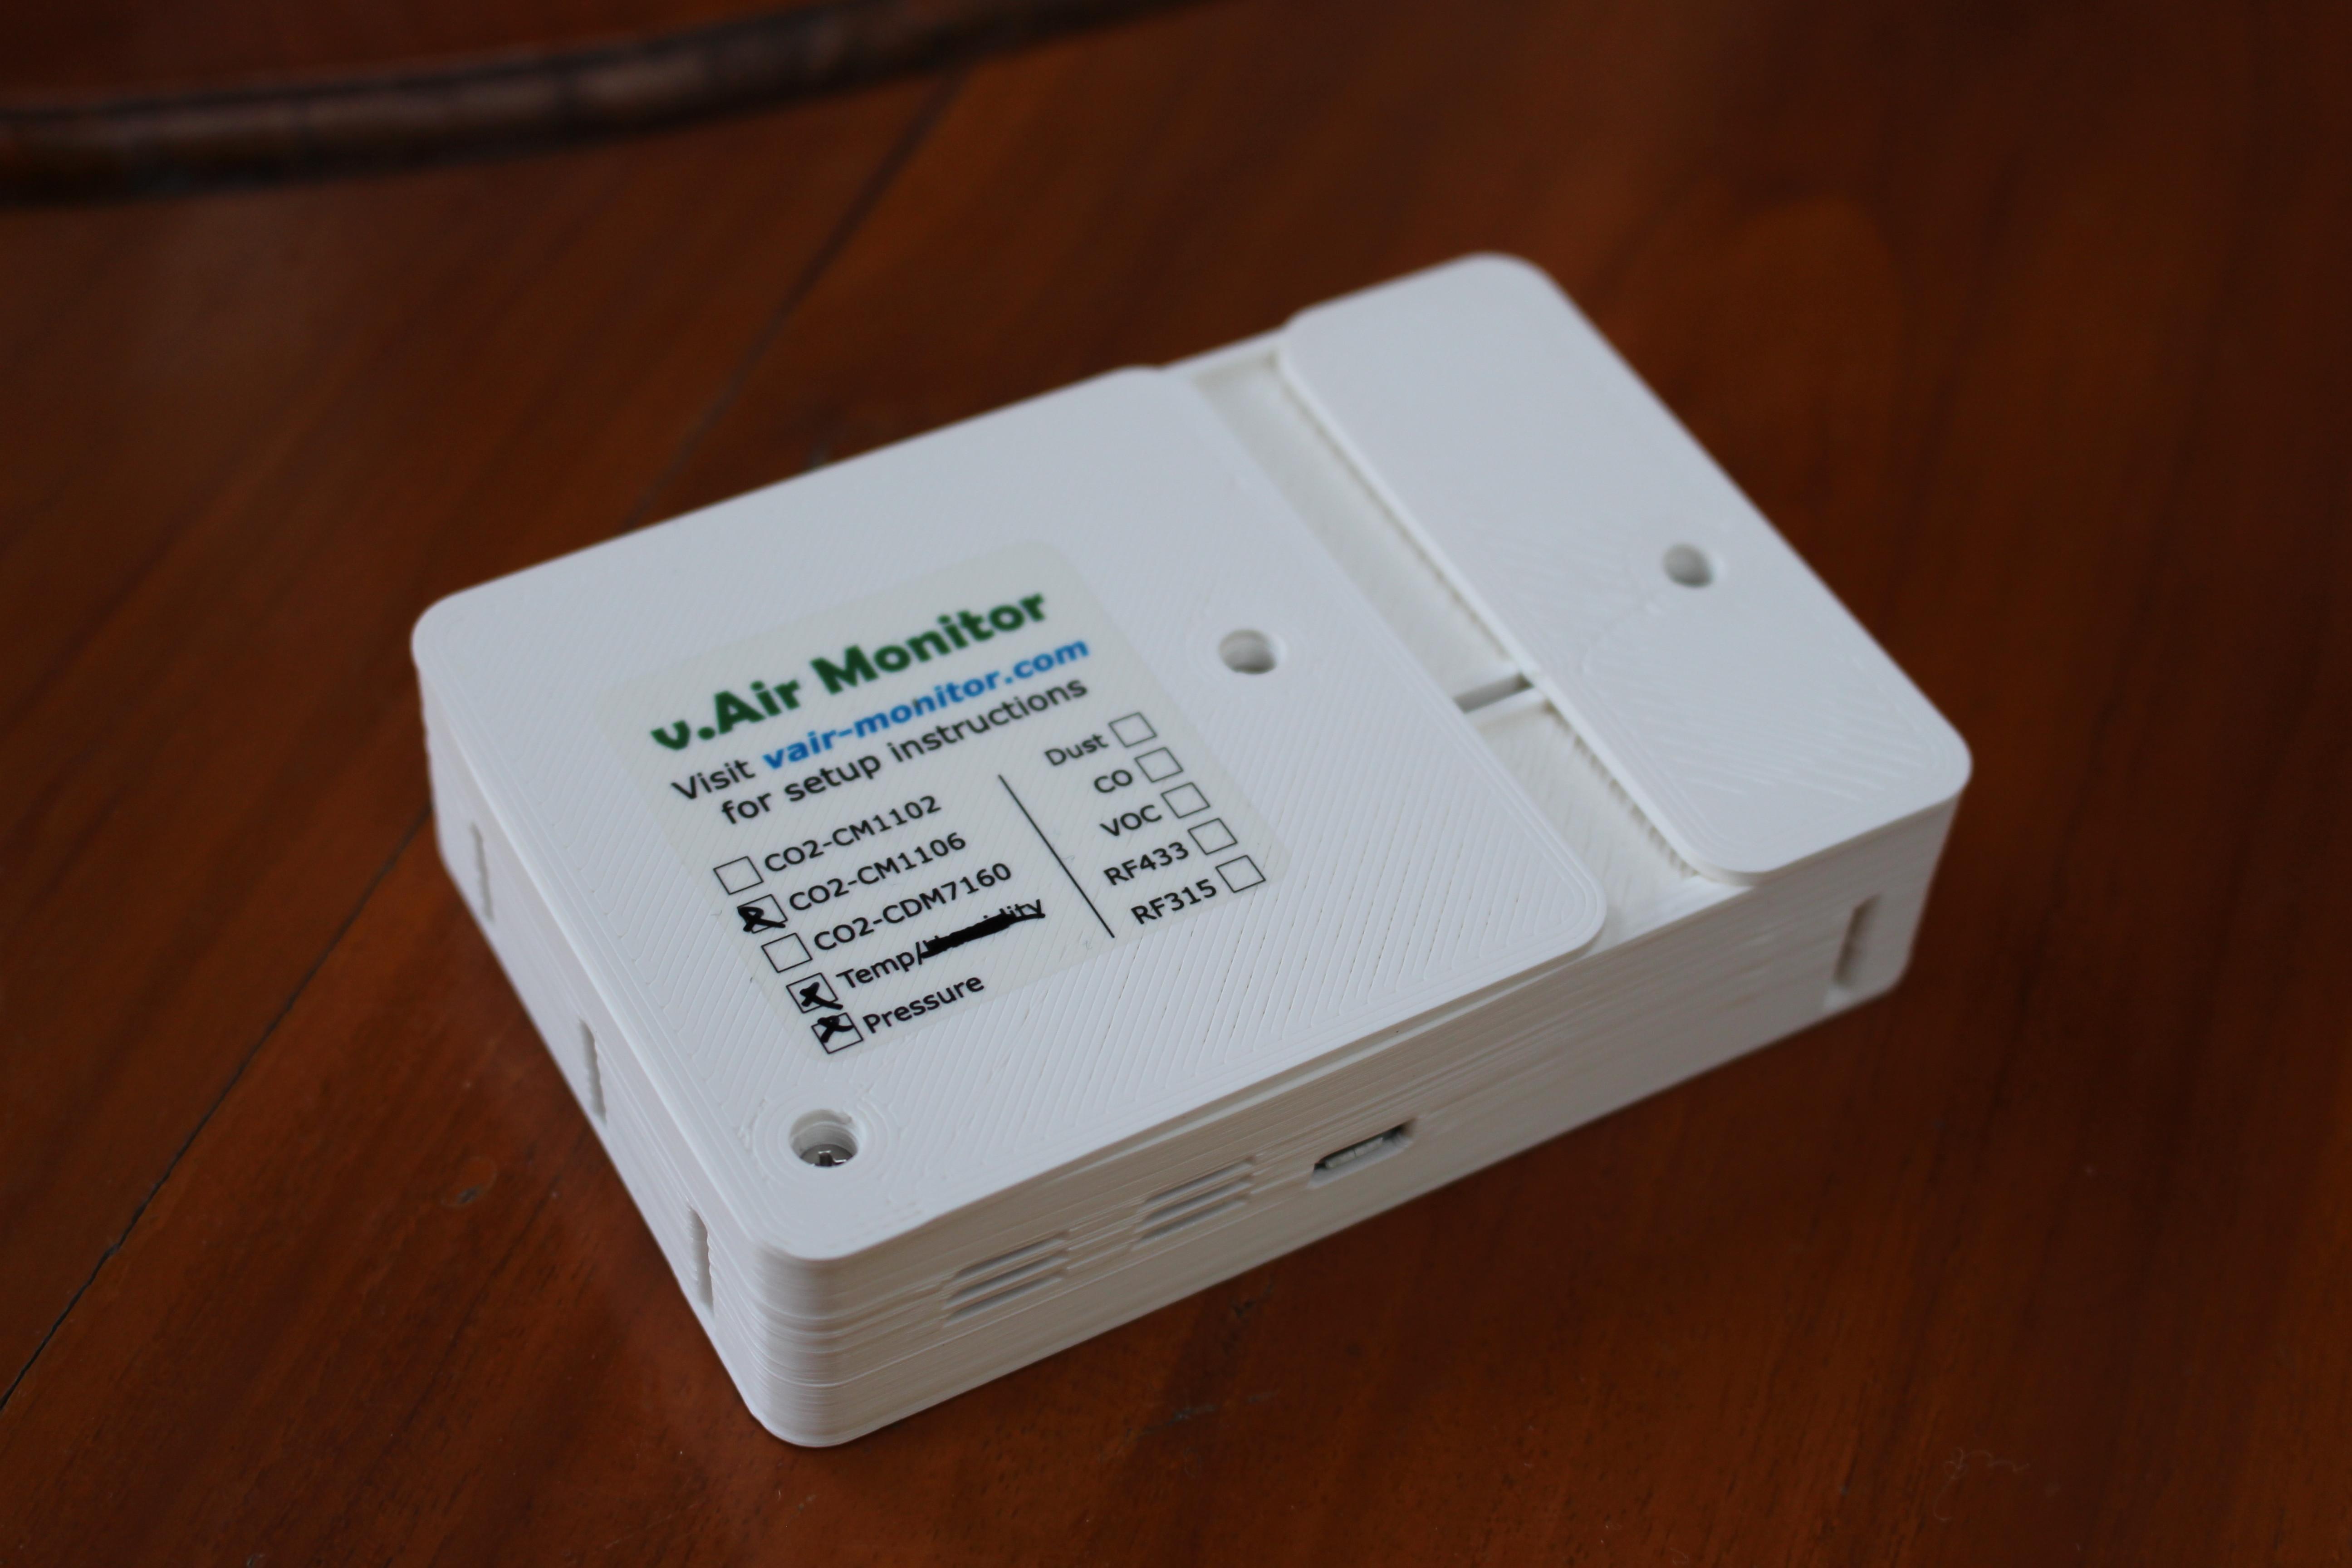 ESP8266 based Wireless Air Quality & Environmental Monitors Teardown